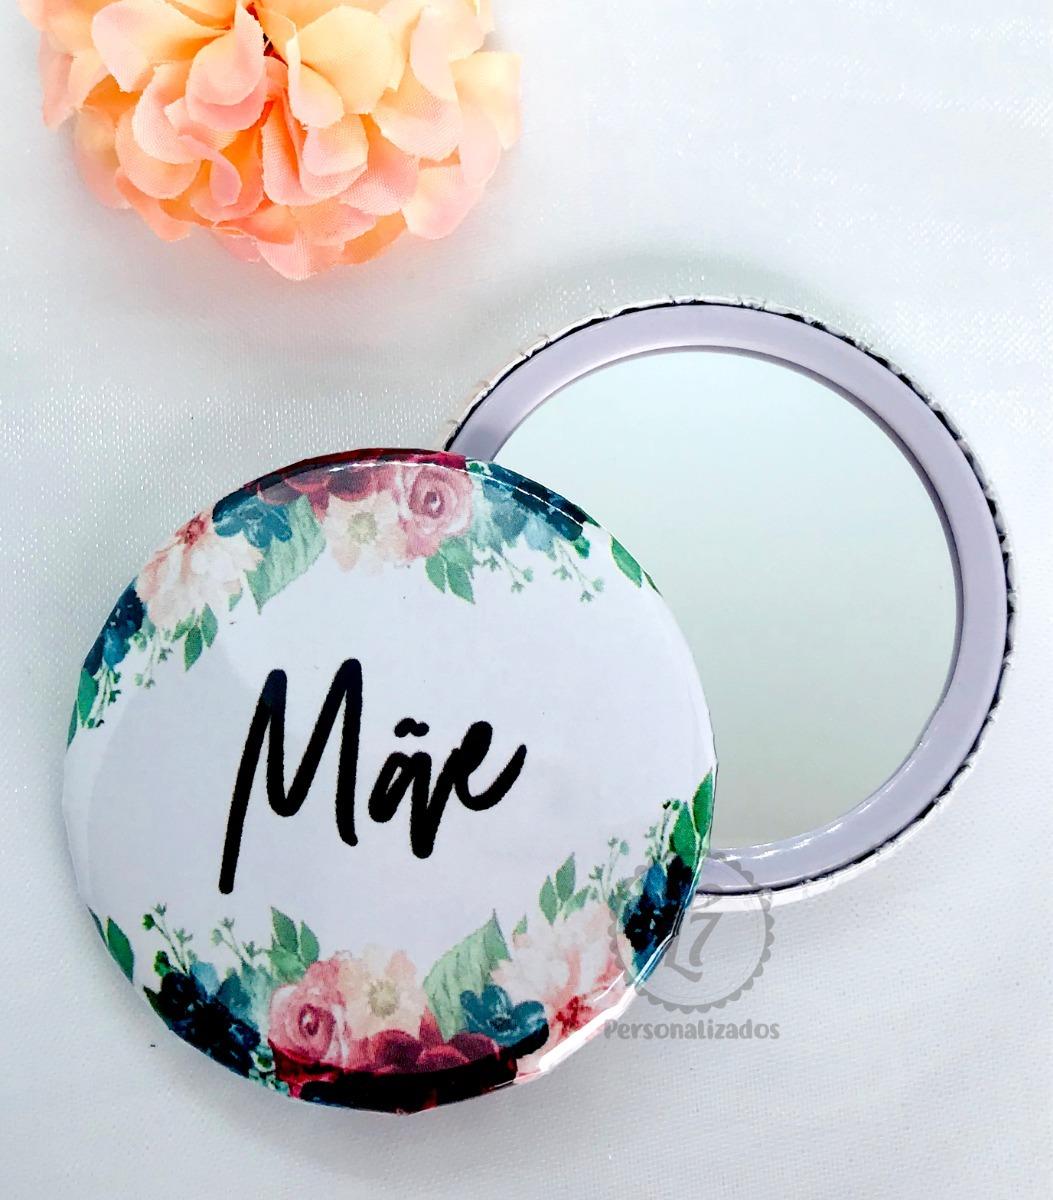 b676a42ef Espelho De Bolsa Personalizado Dia Das Mães Kit Com 50 Un - R  89